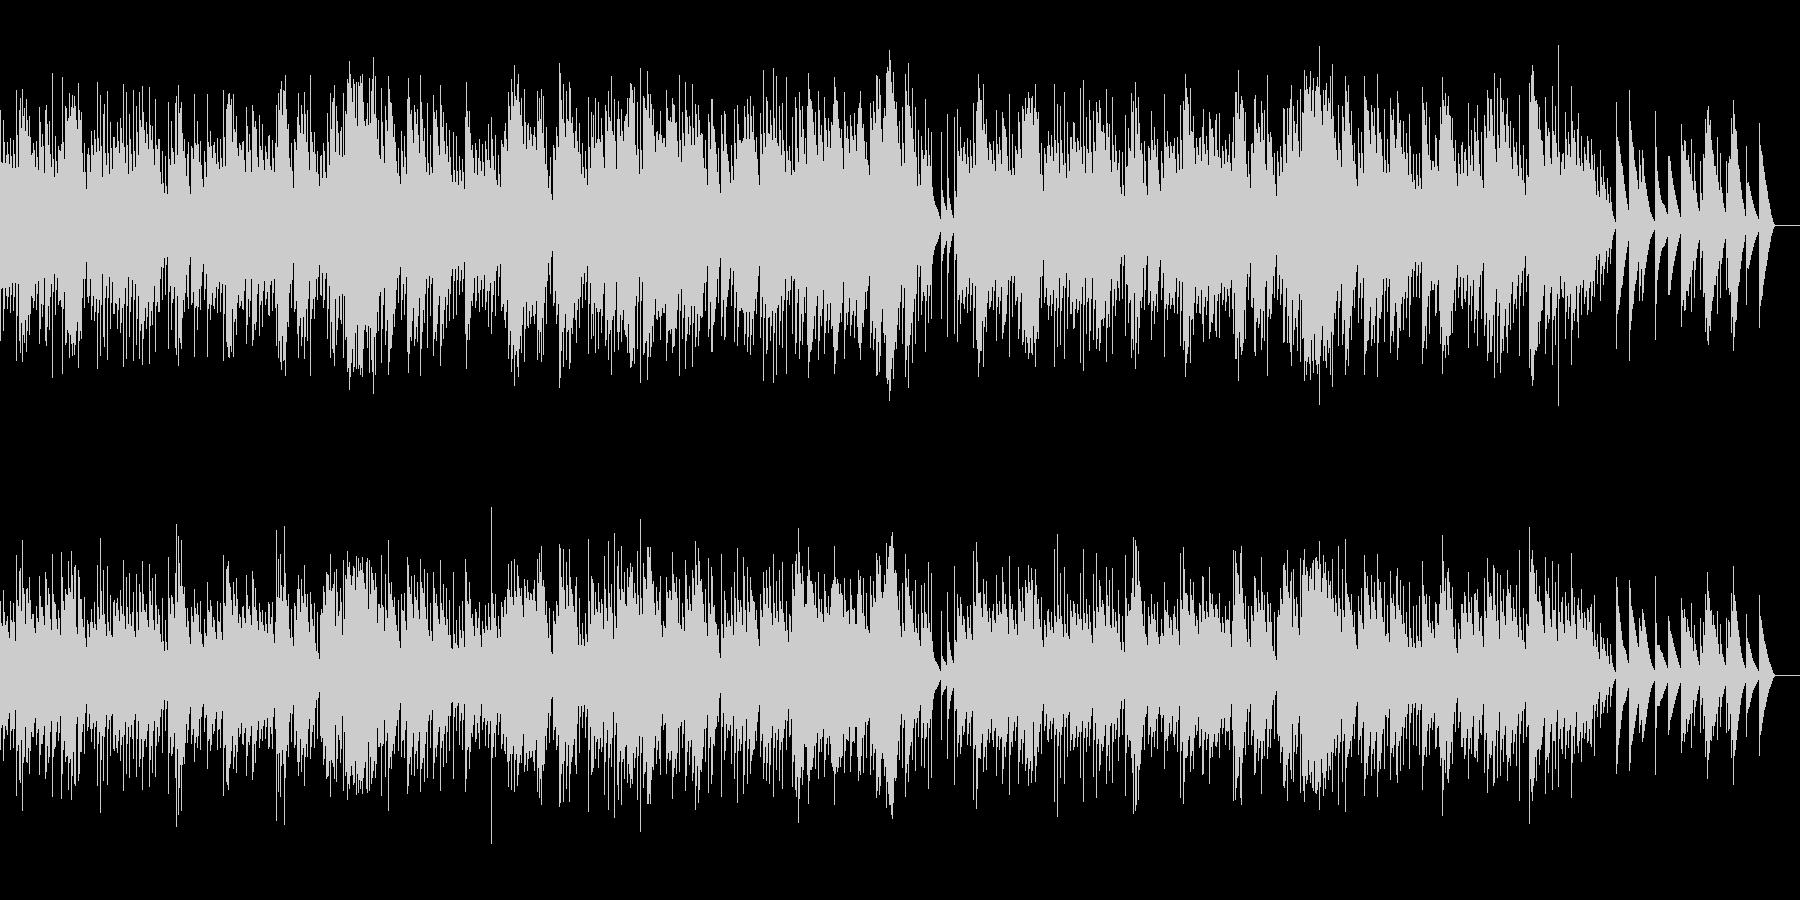 マスネ タイスの瞑想曲 (オルゴール)の未再生の波形